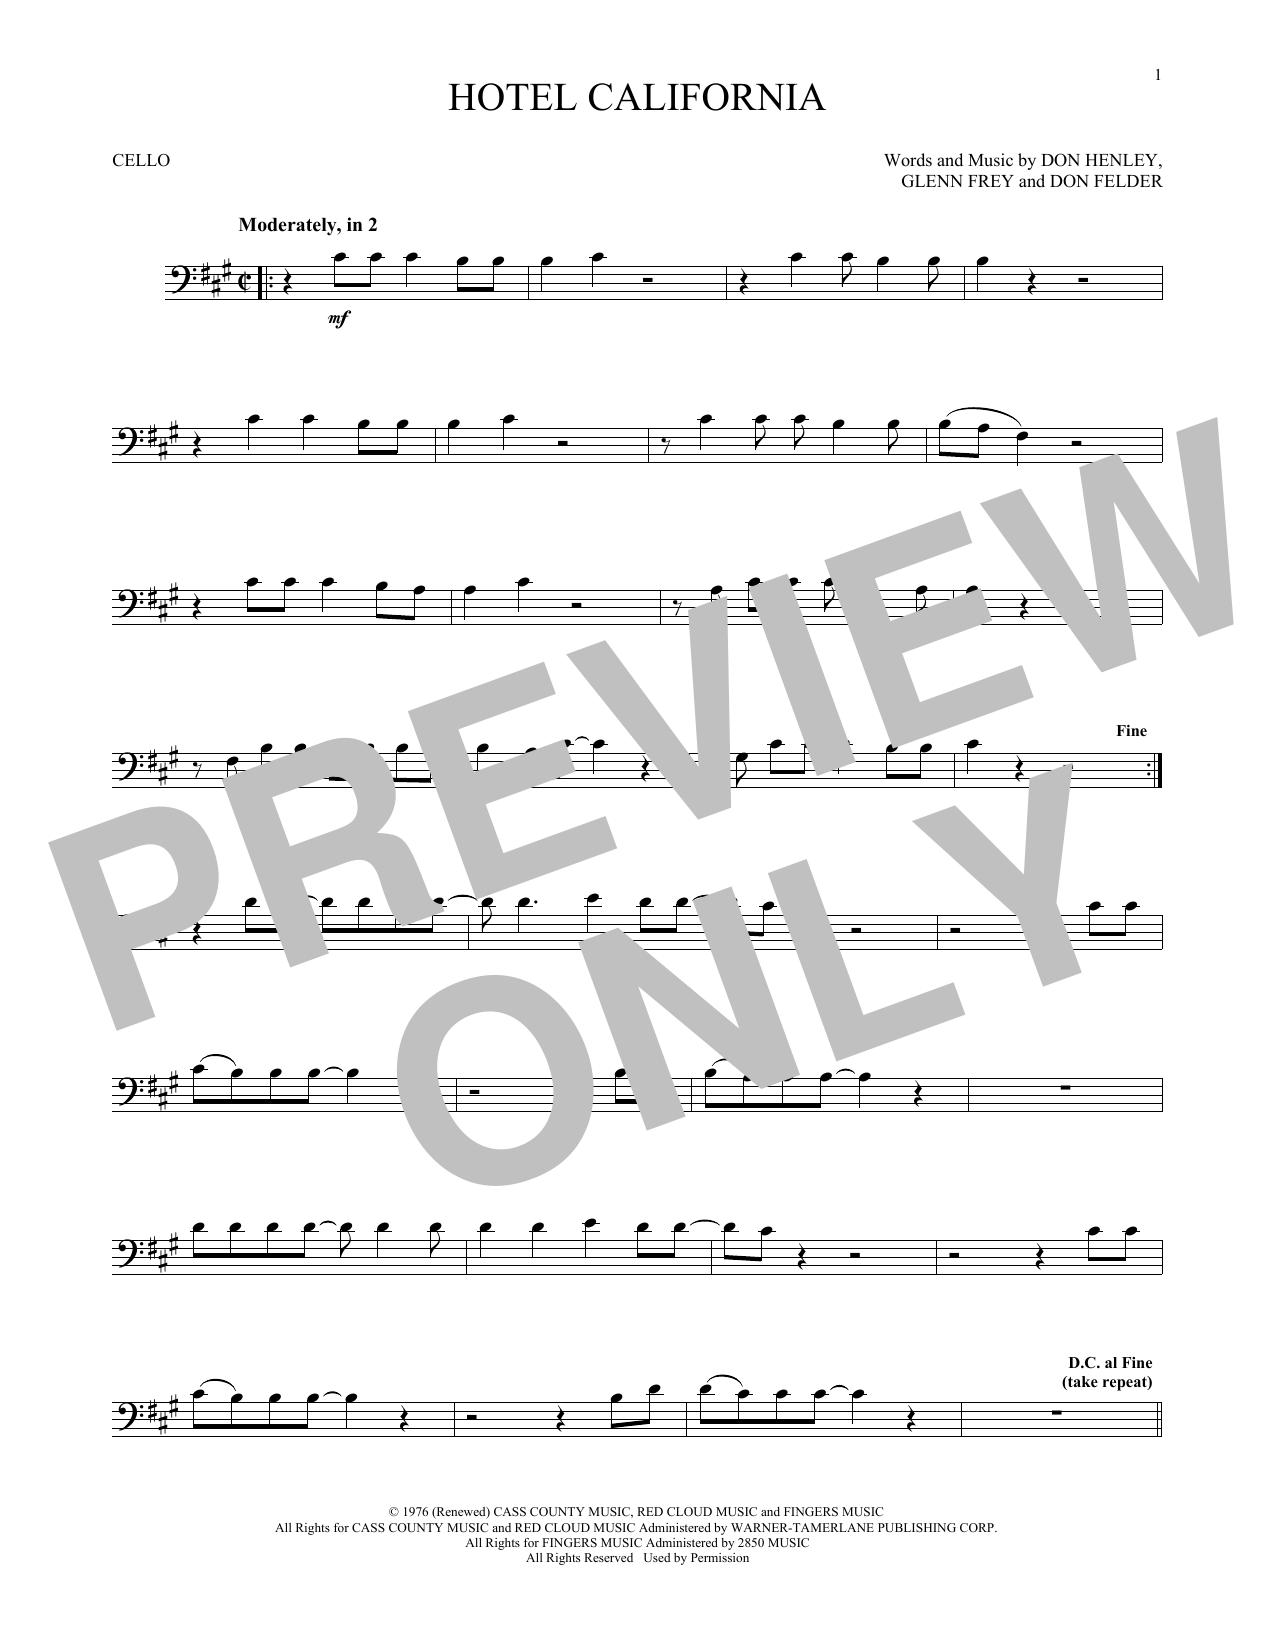 Hotel California (Cello Solo)